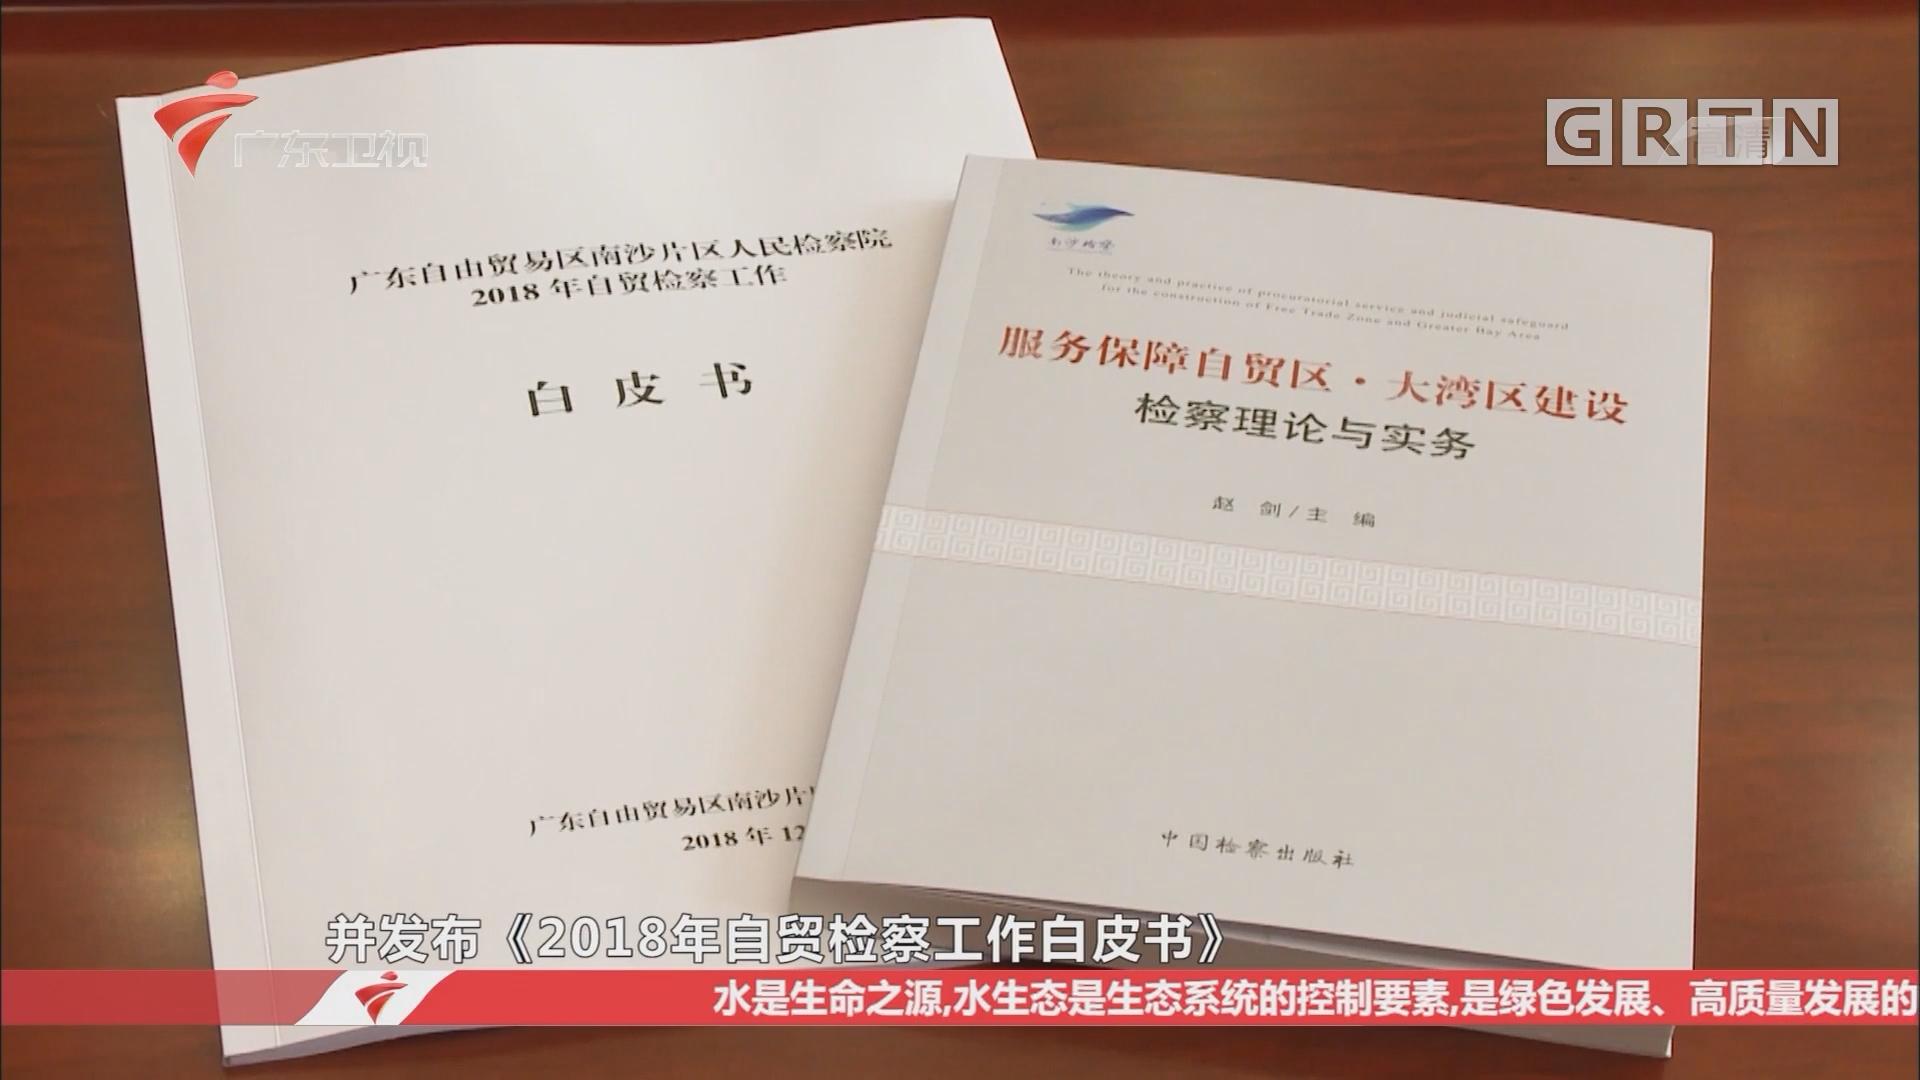 广州:南沙自贸区检察院挂牌成立一周年